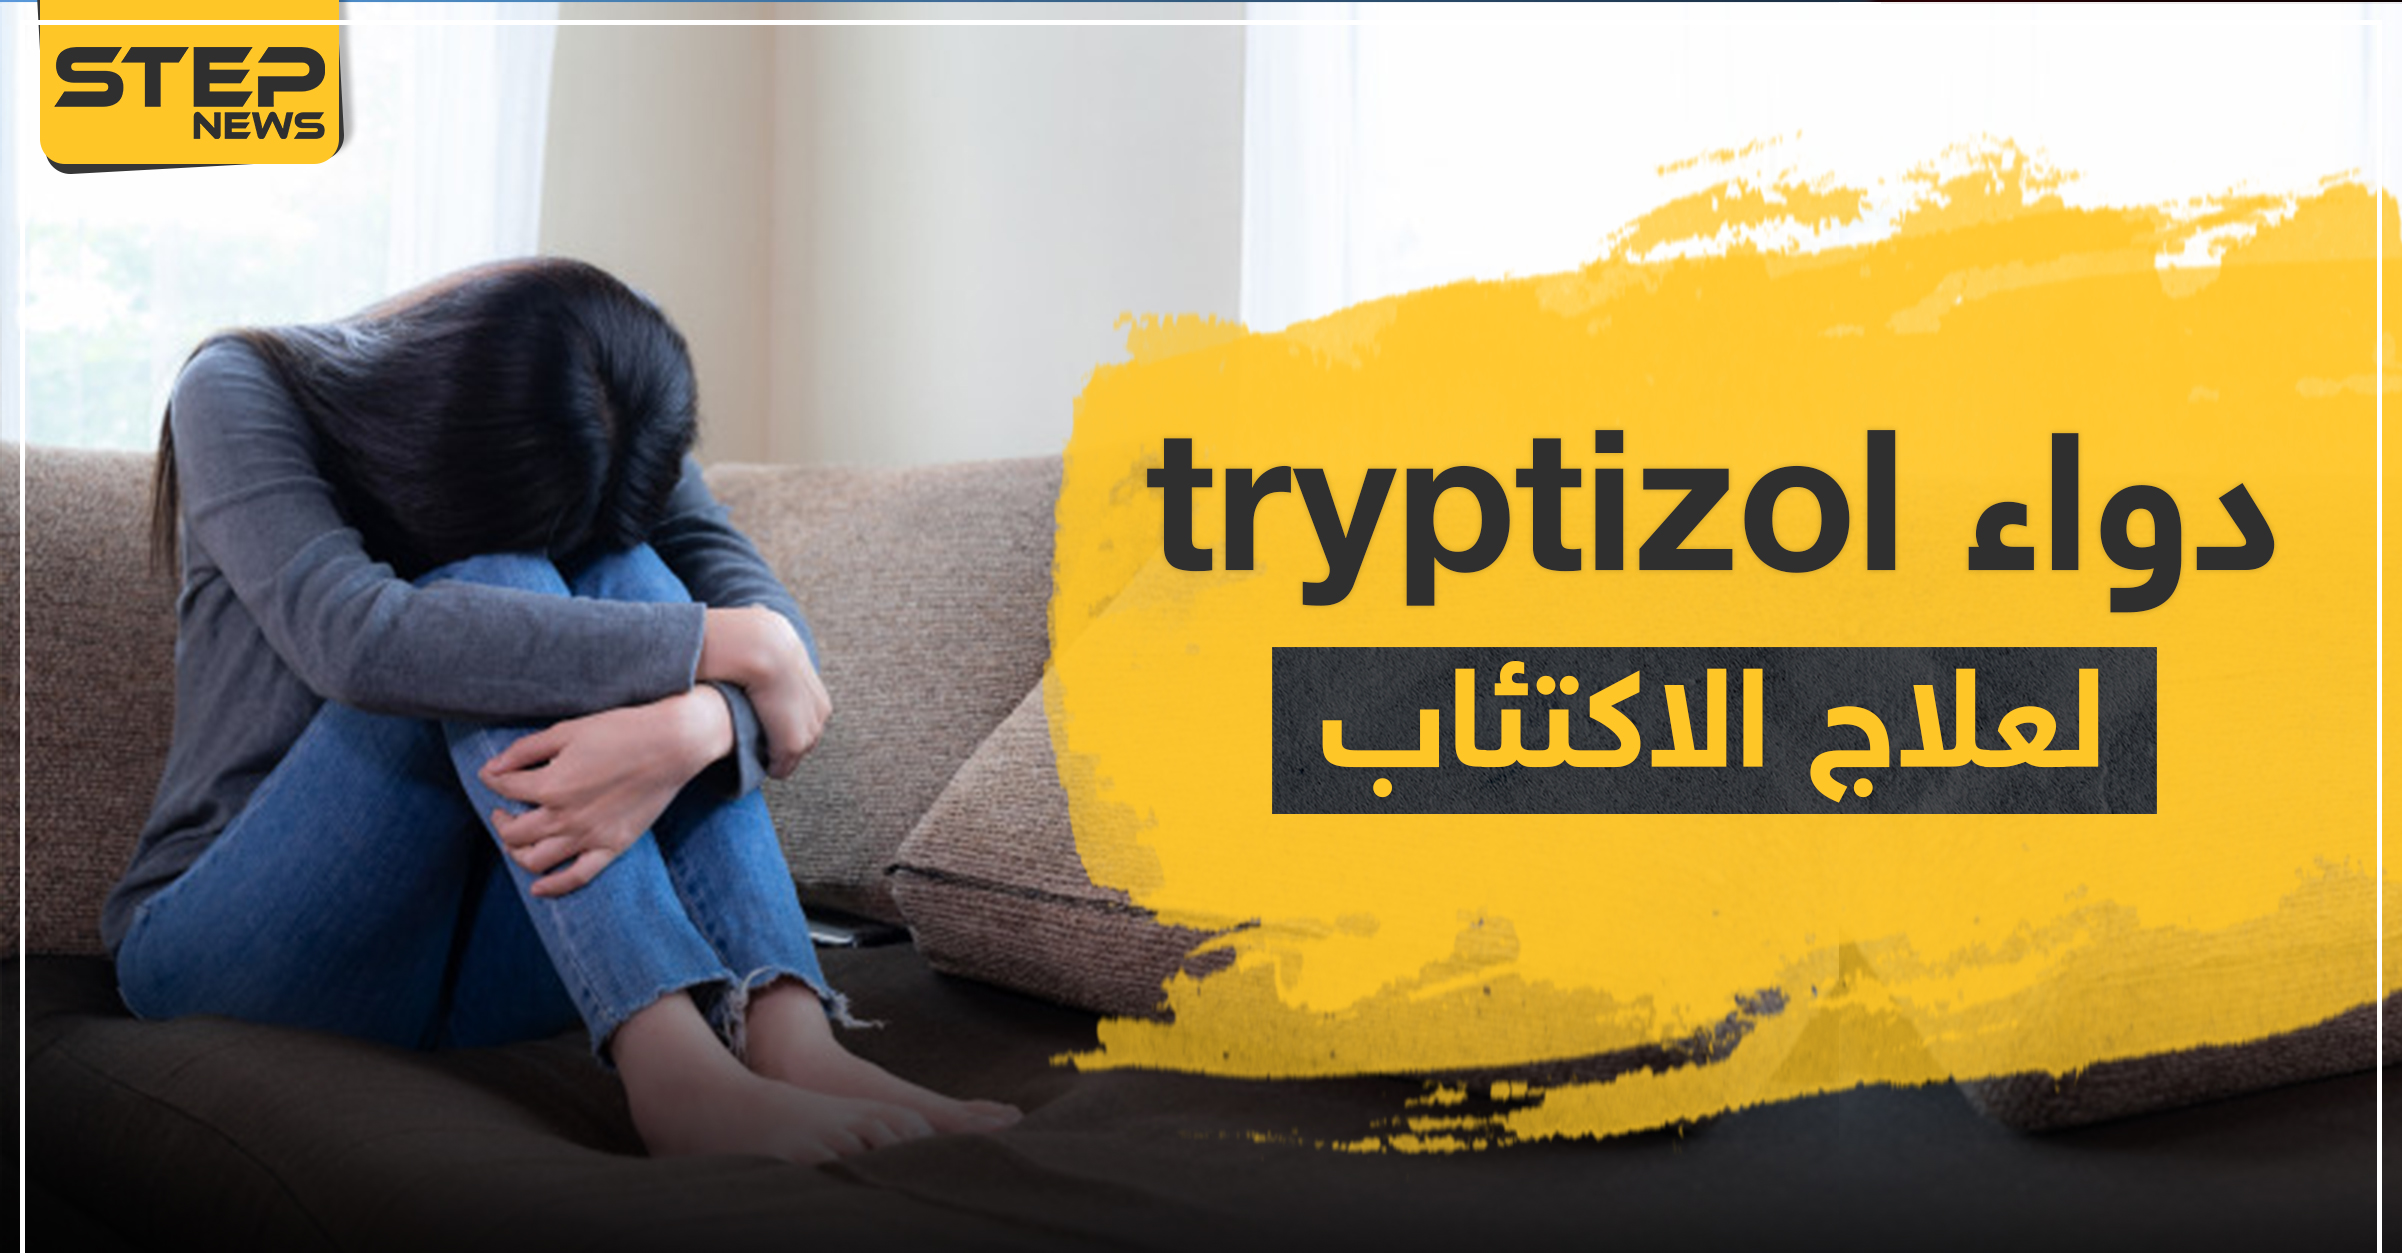 دواء tryptizol لعلاج الاكتئاب